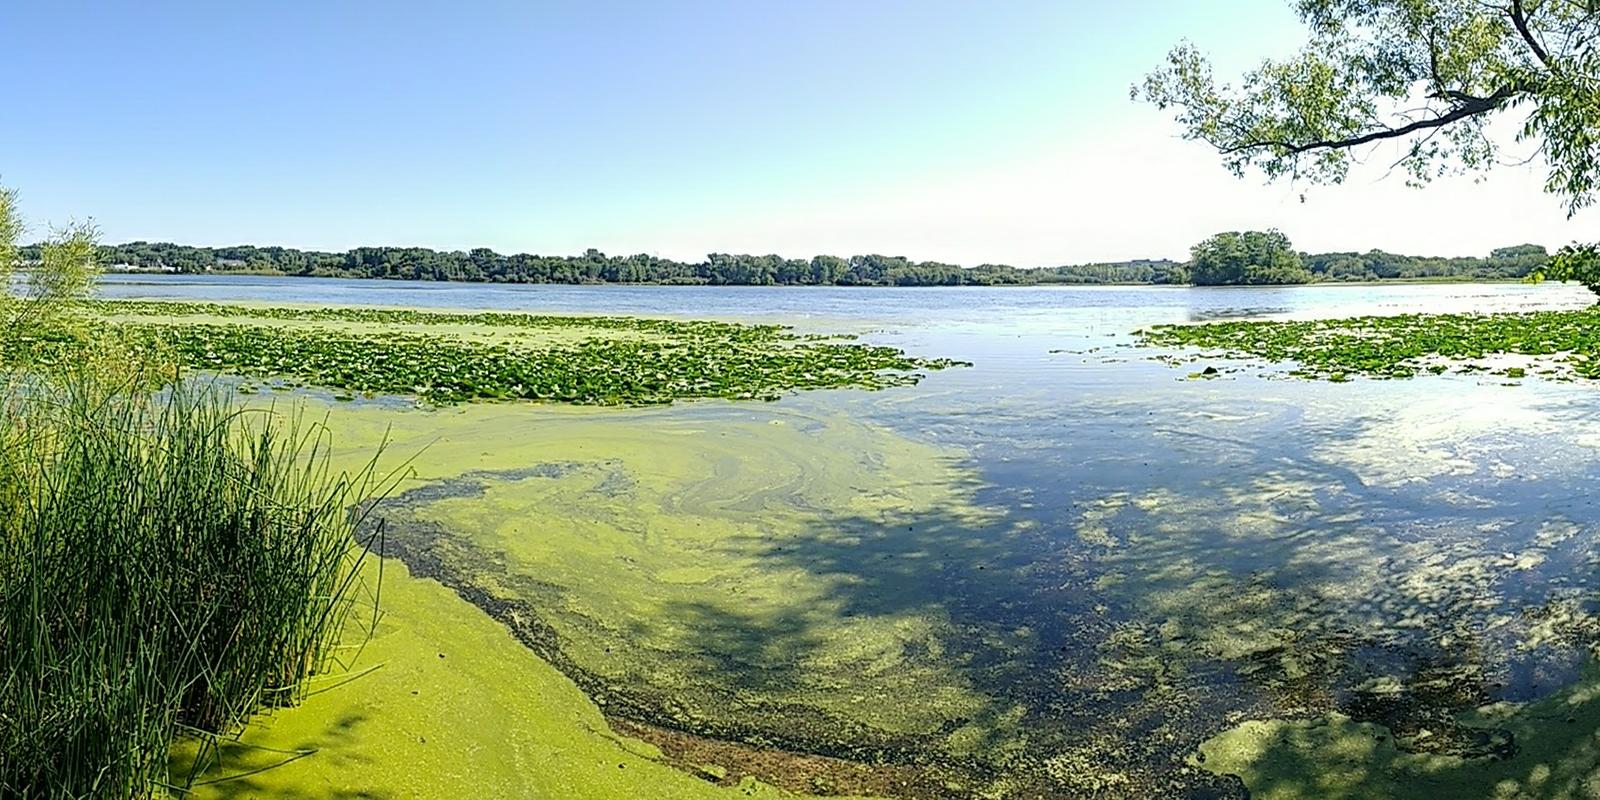 Battle Creek Lake